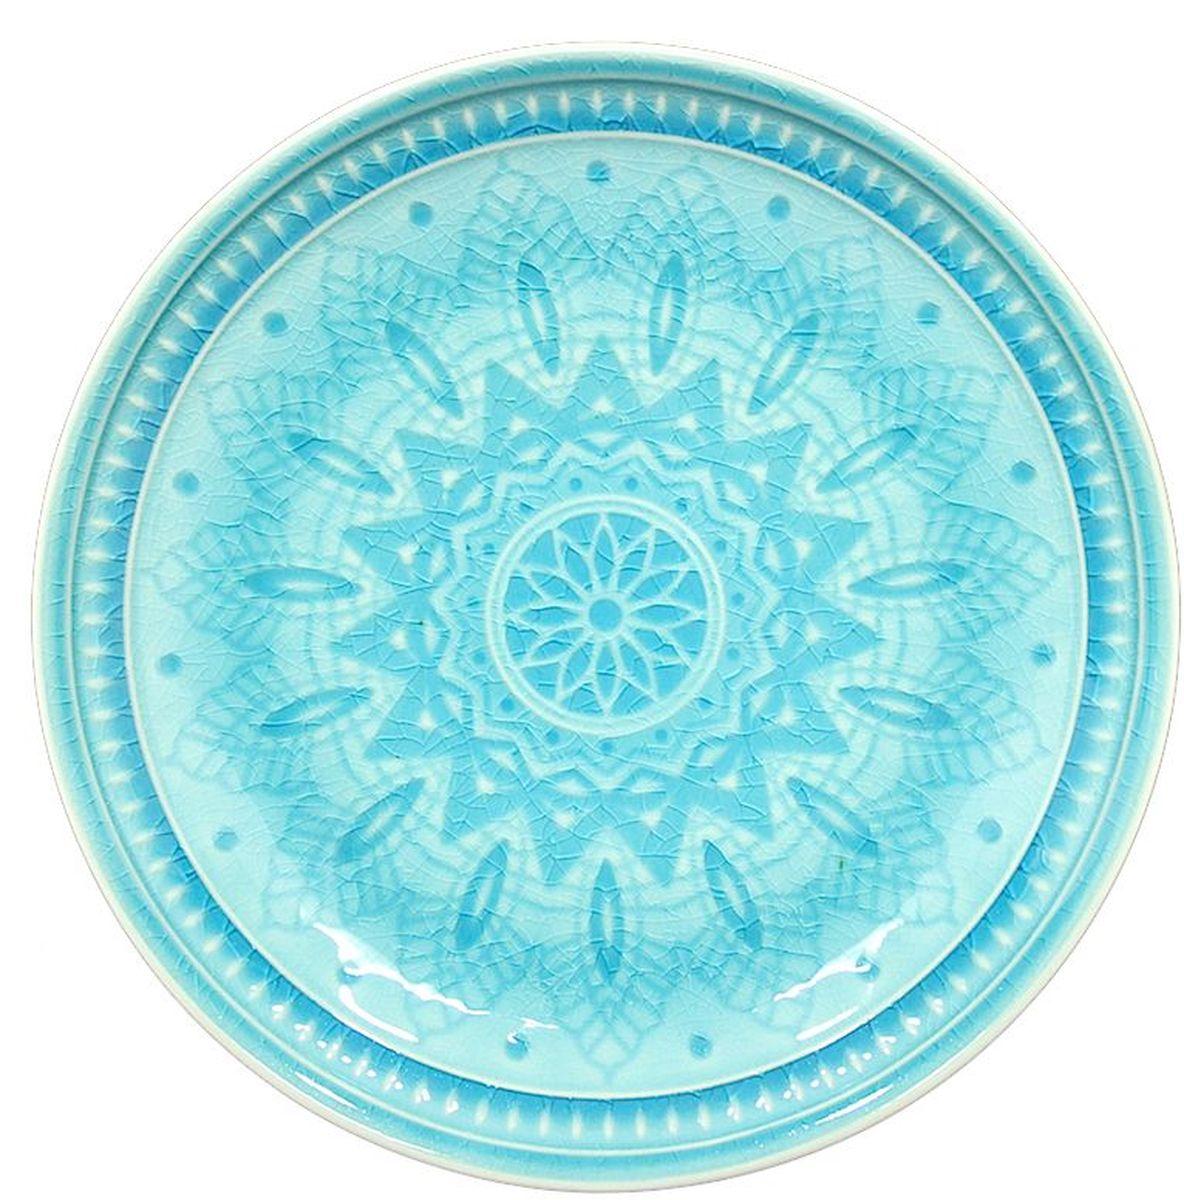 Набор десертных тарелок Tongo, цвет: голубая бирюза, диаметр 20,5 см, 6 штСТР14458241Традиционная этническая посуда Индонезии. Декоративная техника придает посуде этнический шарм, с элементами старения, в виде паутинки мелких трещинок на поверхности эмали, что повышает ее привлекательность и ценность среди посудных аналогов.В процессе эксплуатации мелкие трещины также могут проявляться на внутренних поверхностях кружек и салатников, - что также является задумкой дизайнеров, заложенной в производственной технологии.